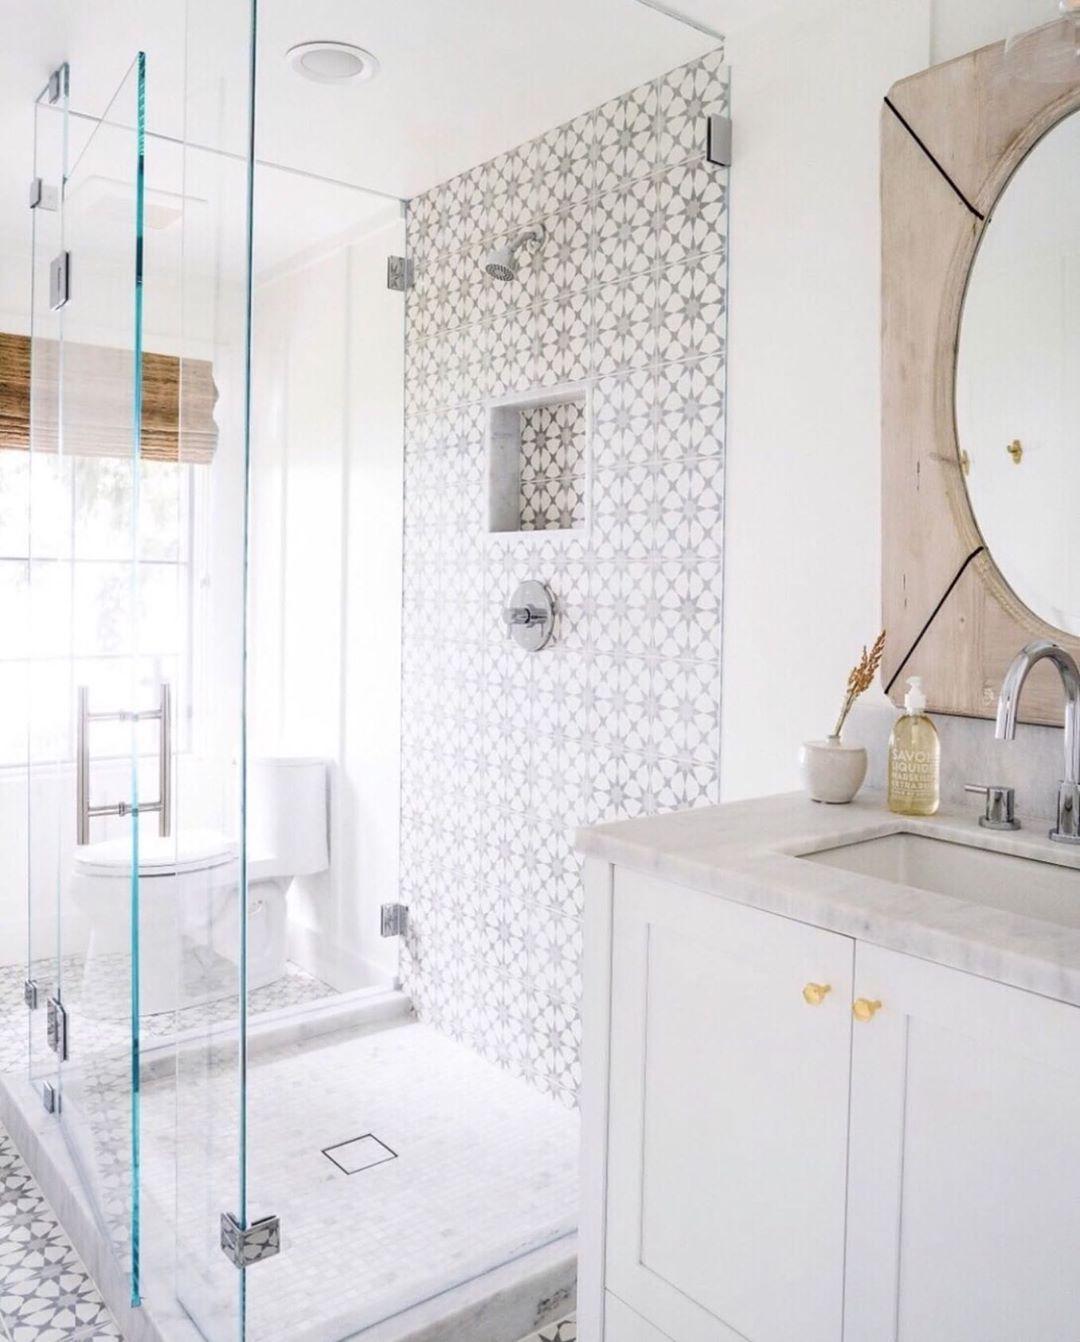 11 Pretty Bathroom Design Ideas For Home Pretty Bathrooms Bathroom Design Design